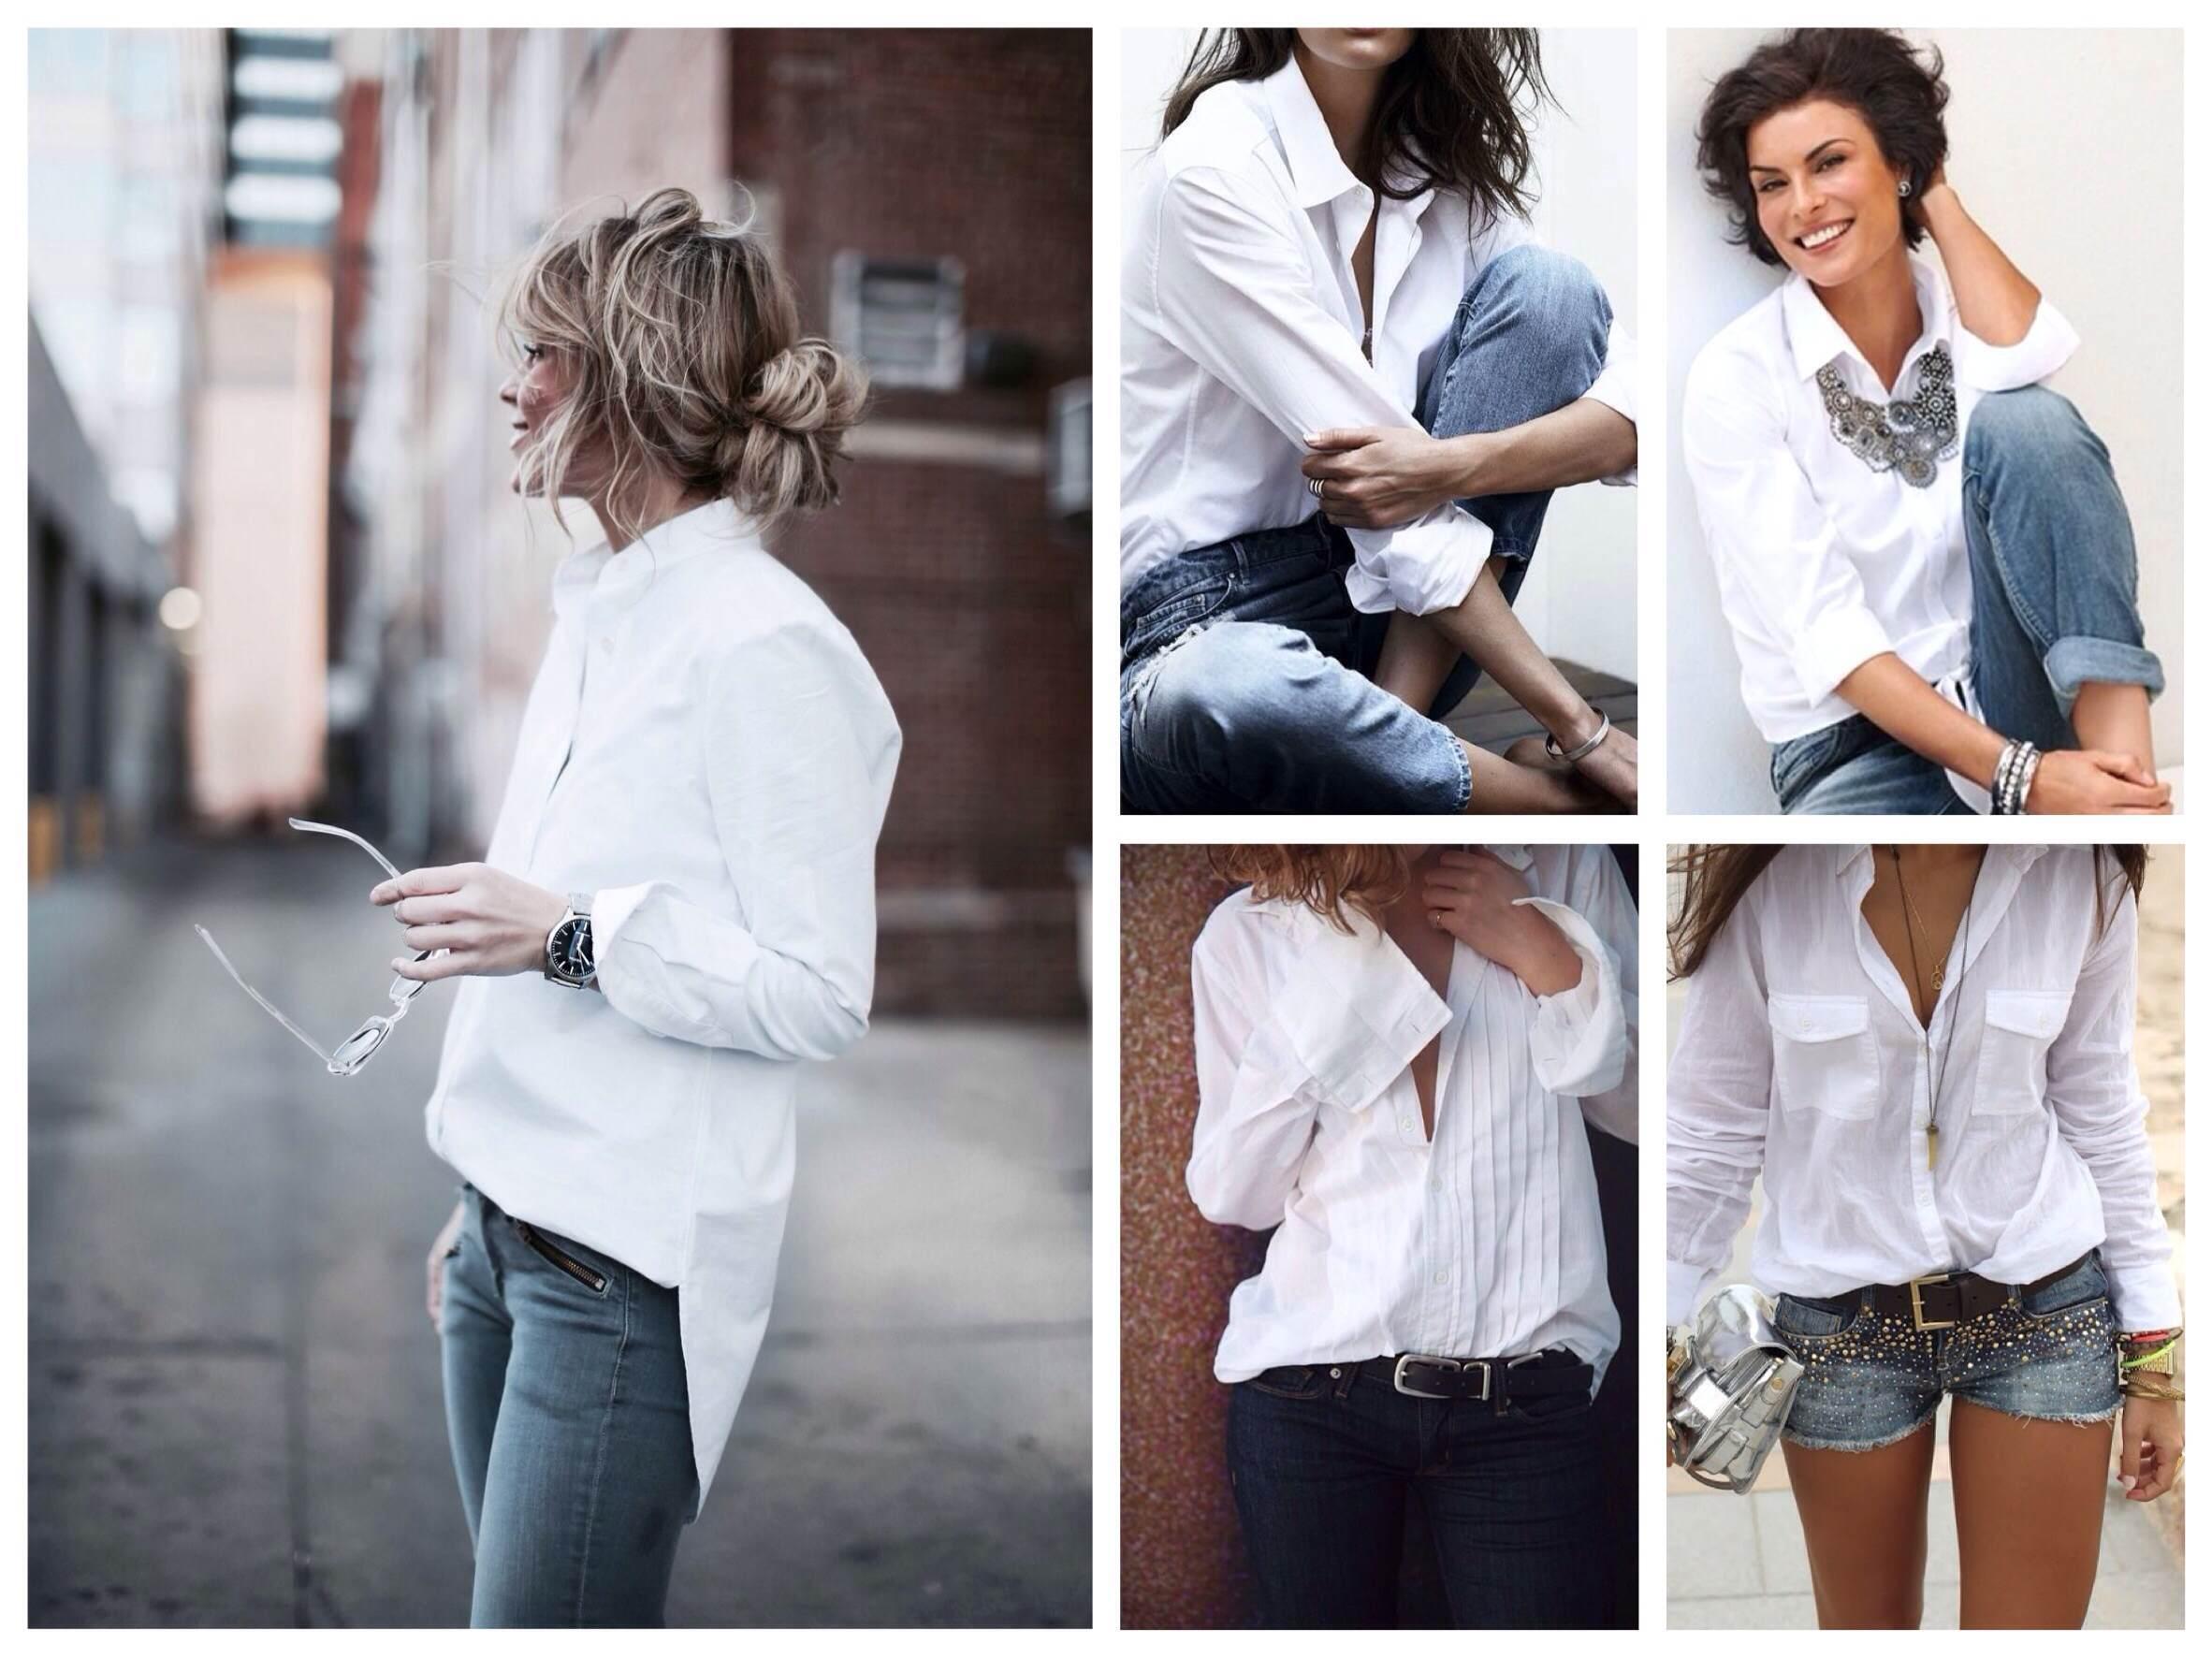 Рубашка и подтяжки для девушек